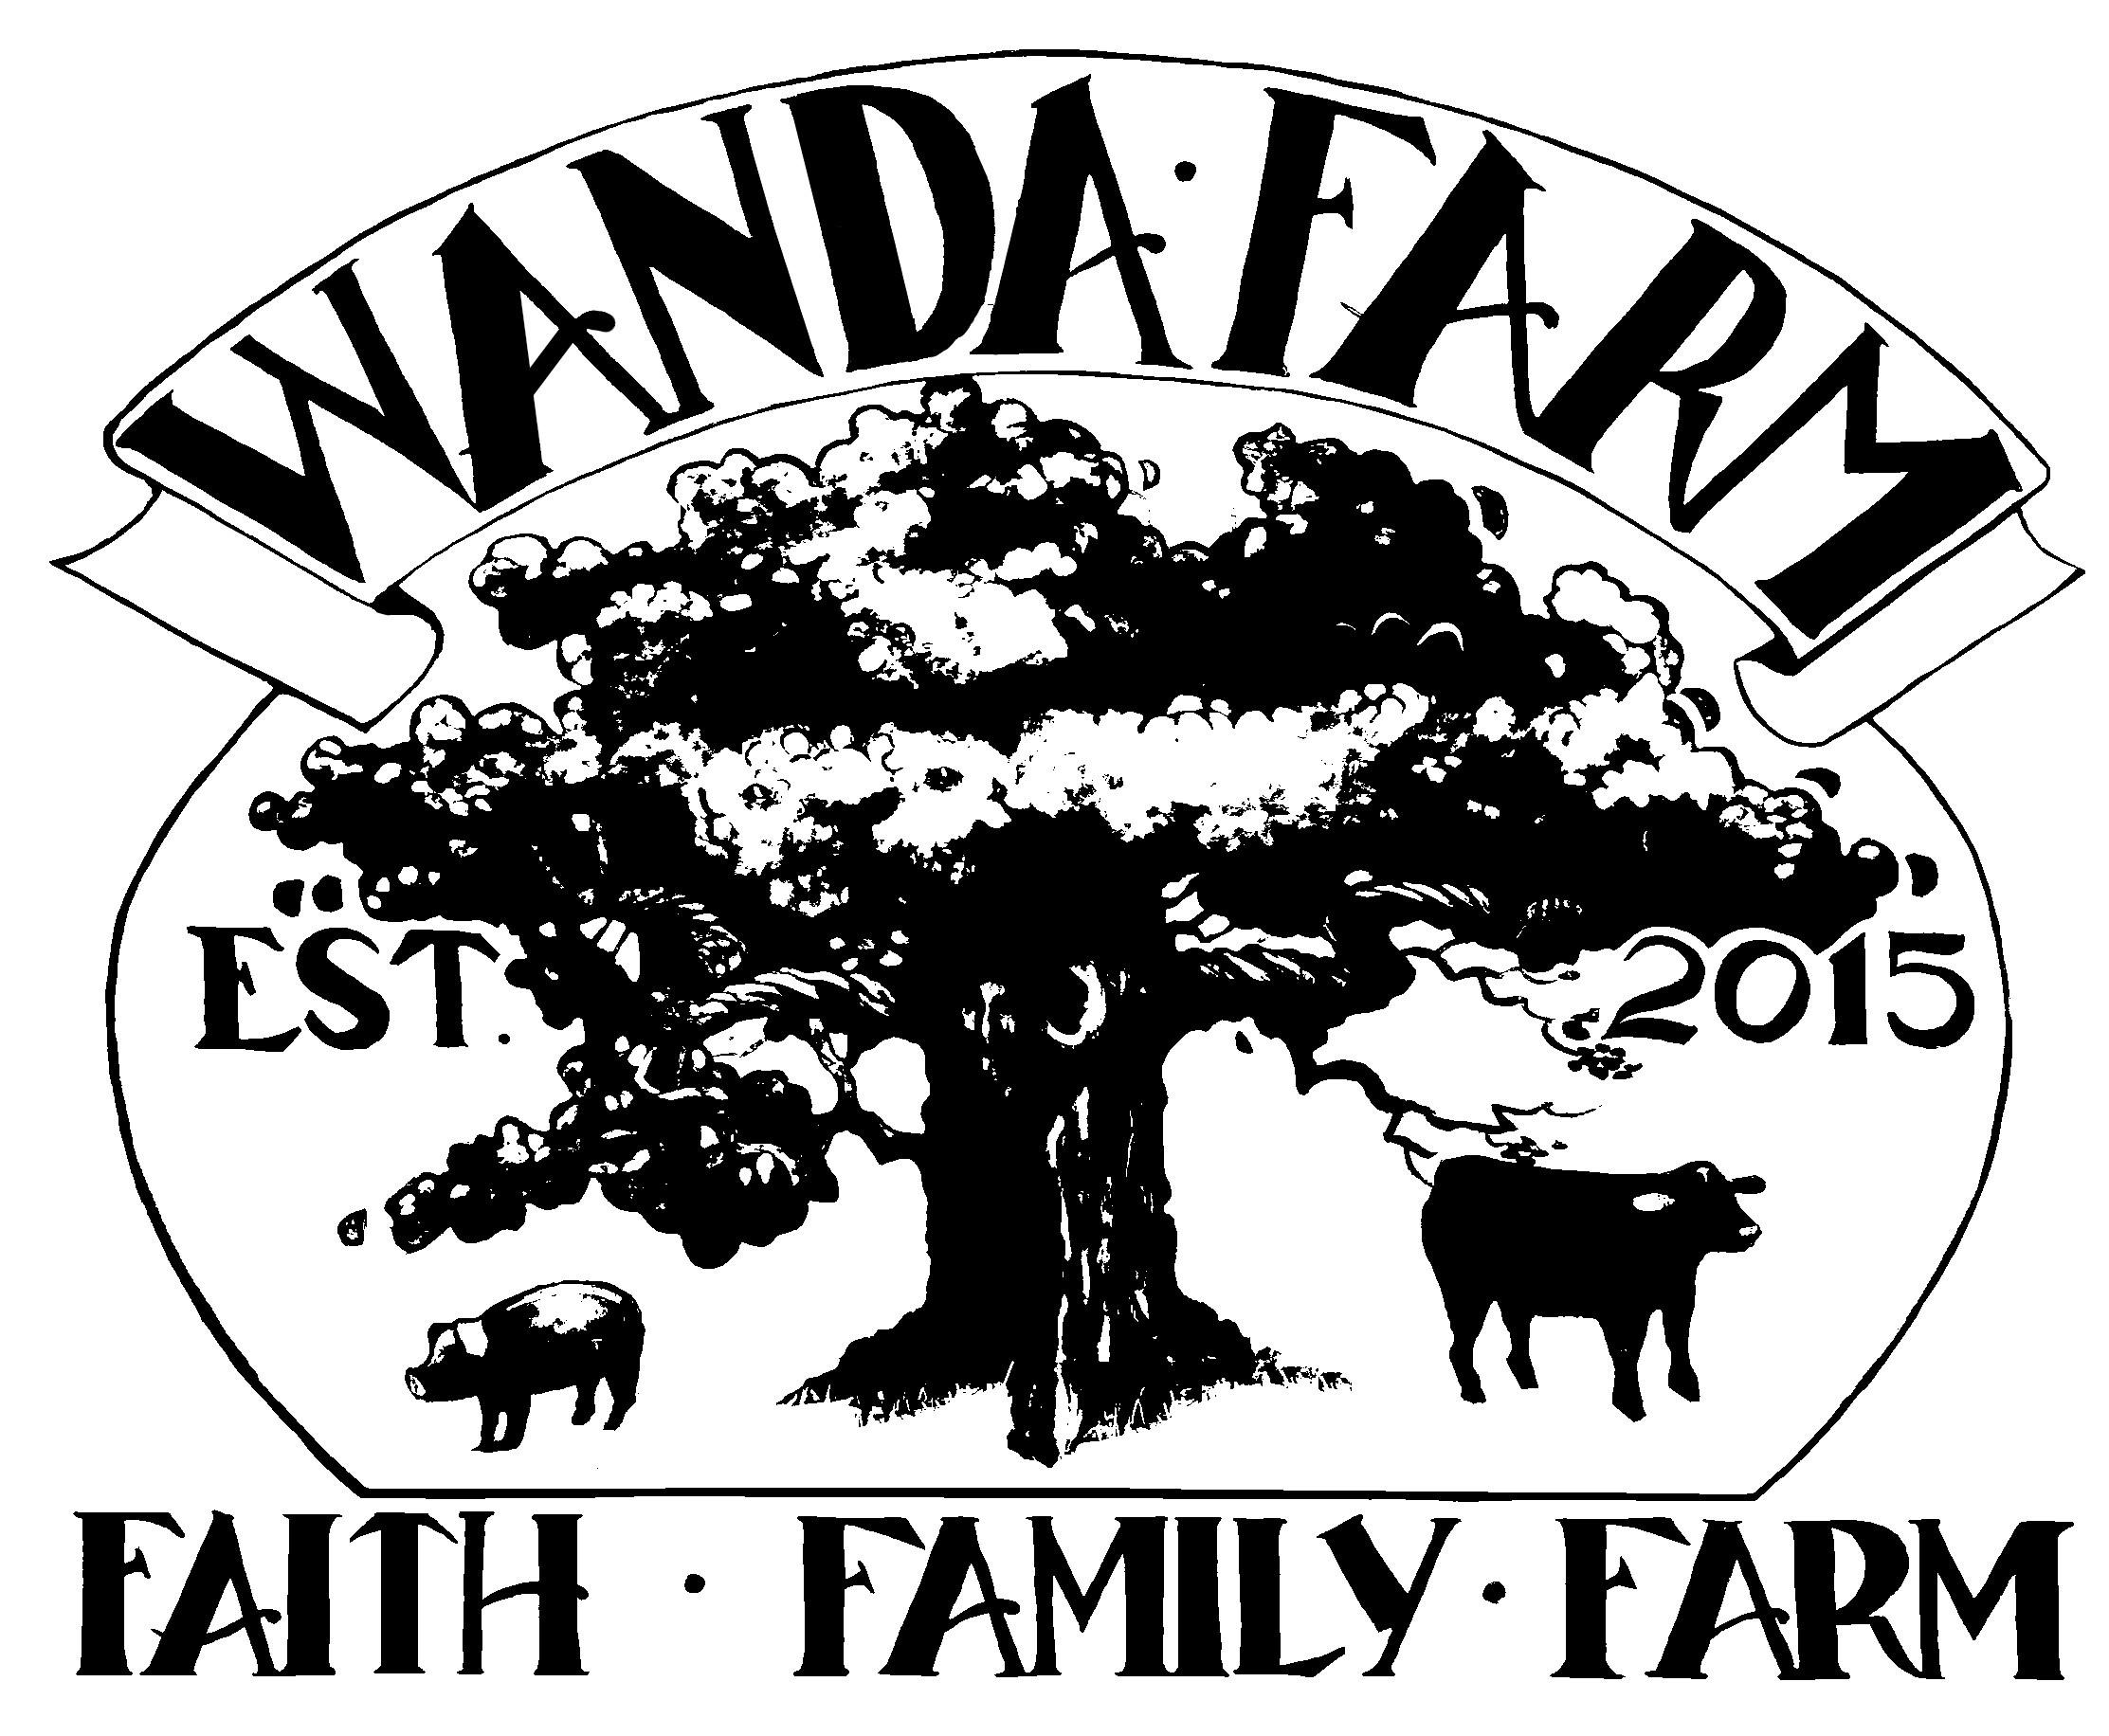 Wanda Farm Logo